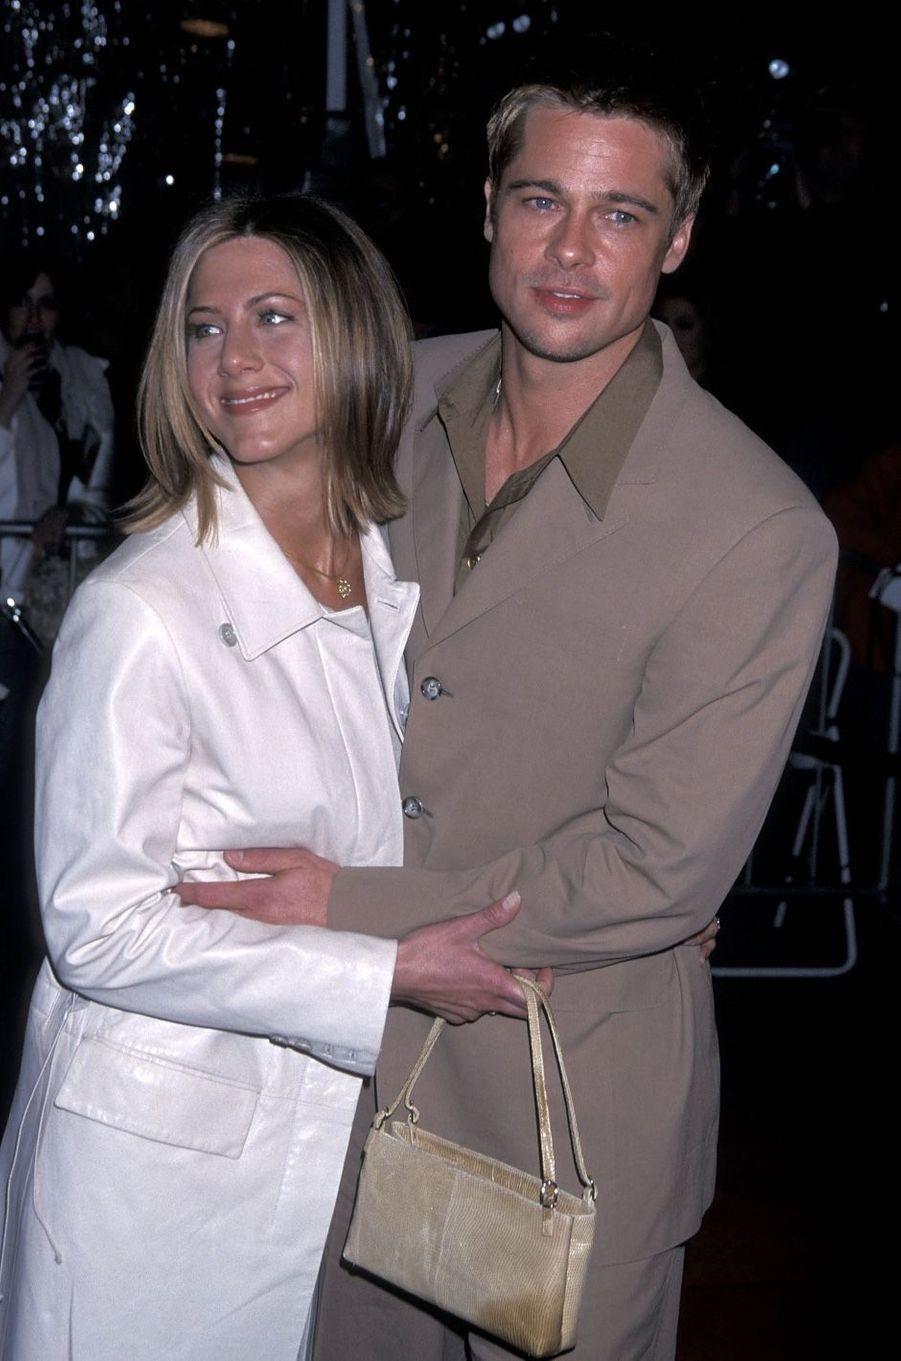 Jennifer Aniston et Brad Pitt en 2001. Leur relation s'est achevé en 2005 après cinq ans de mariage.